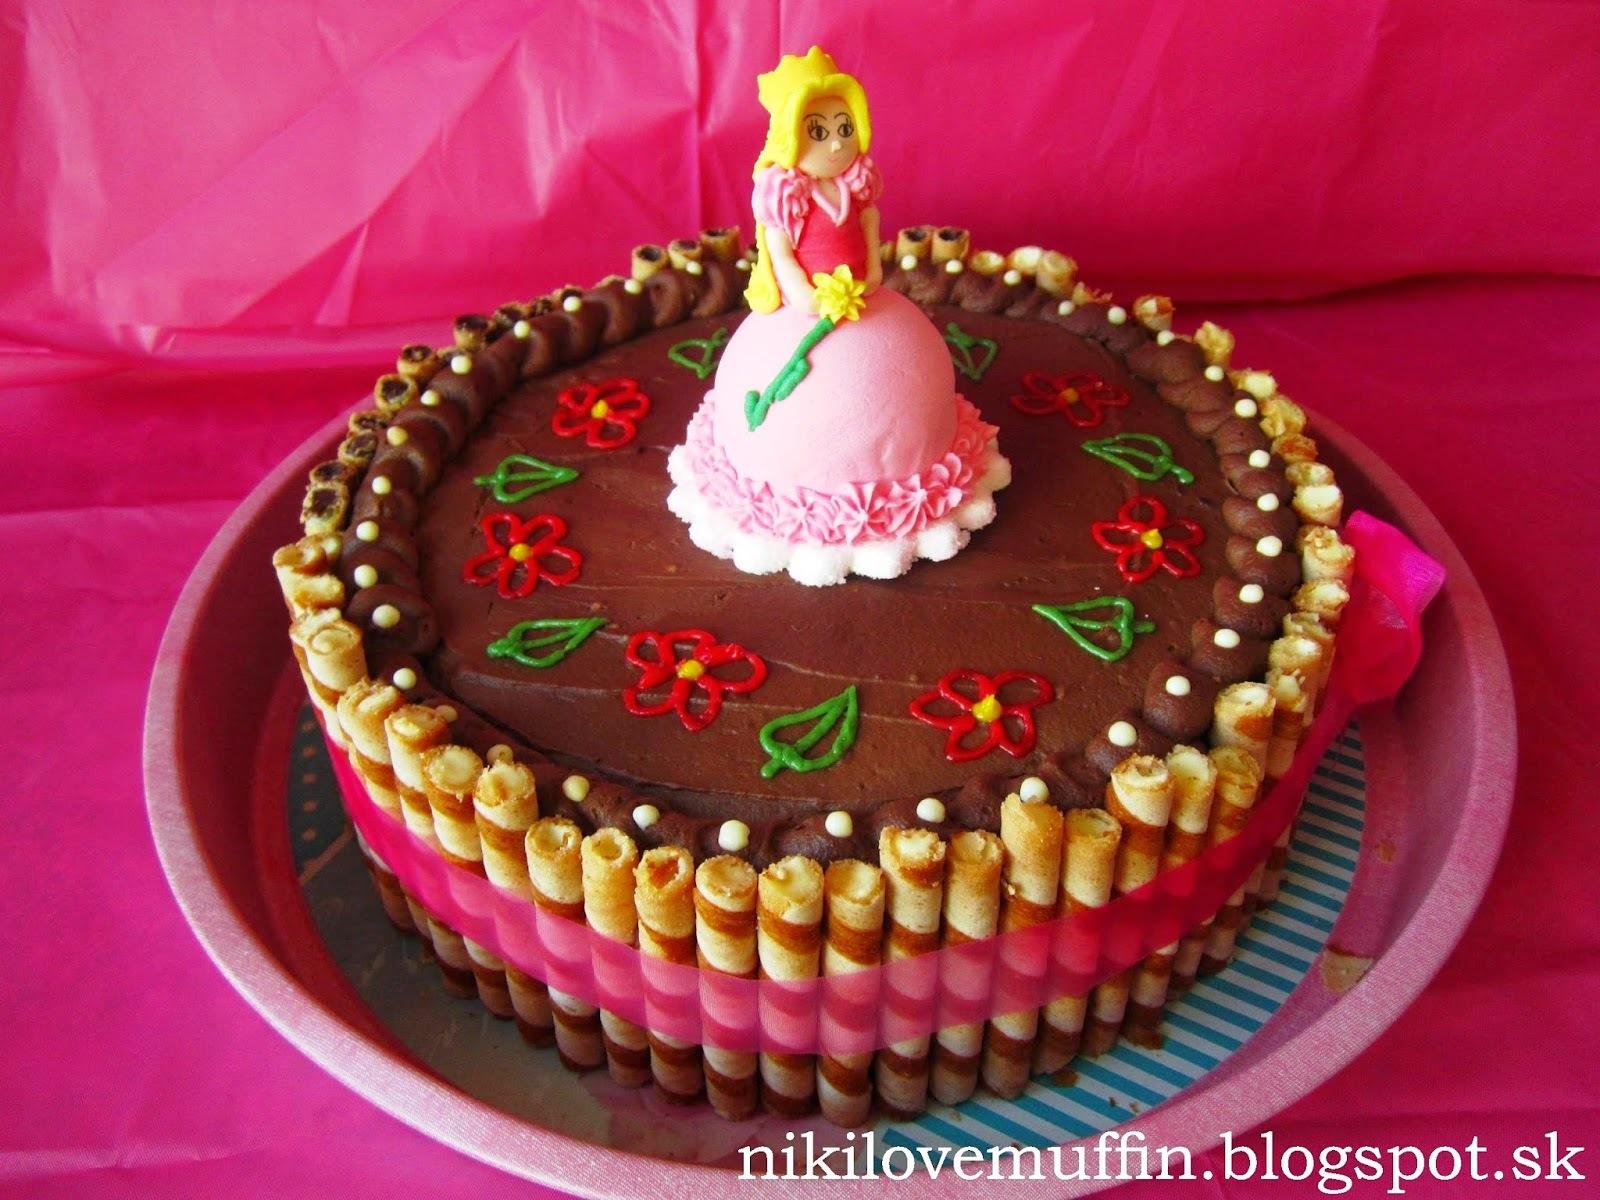 Narodeninová torta: nutellovo-orechová s mascarpone-šľahačkovým krémom a banánom